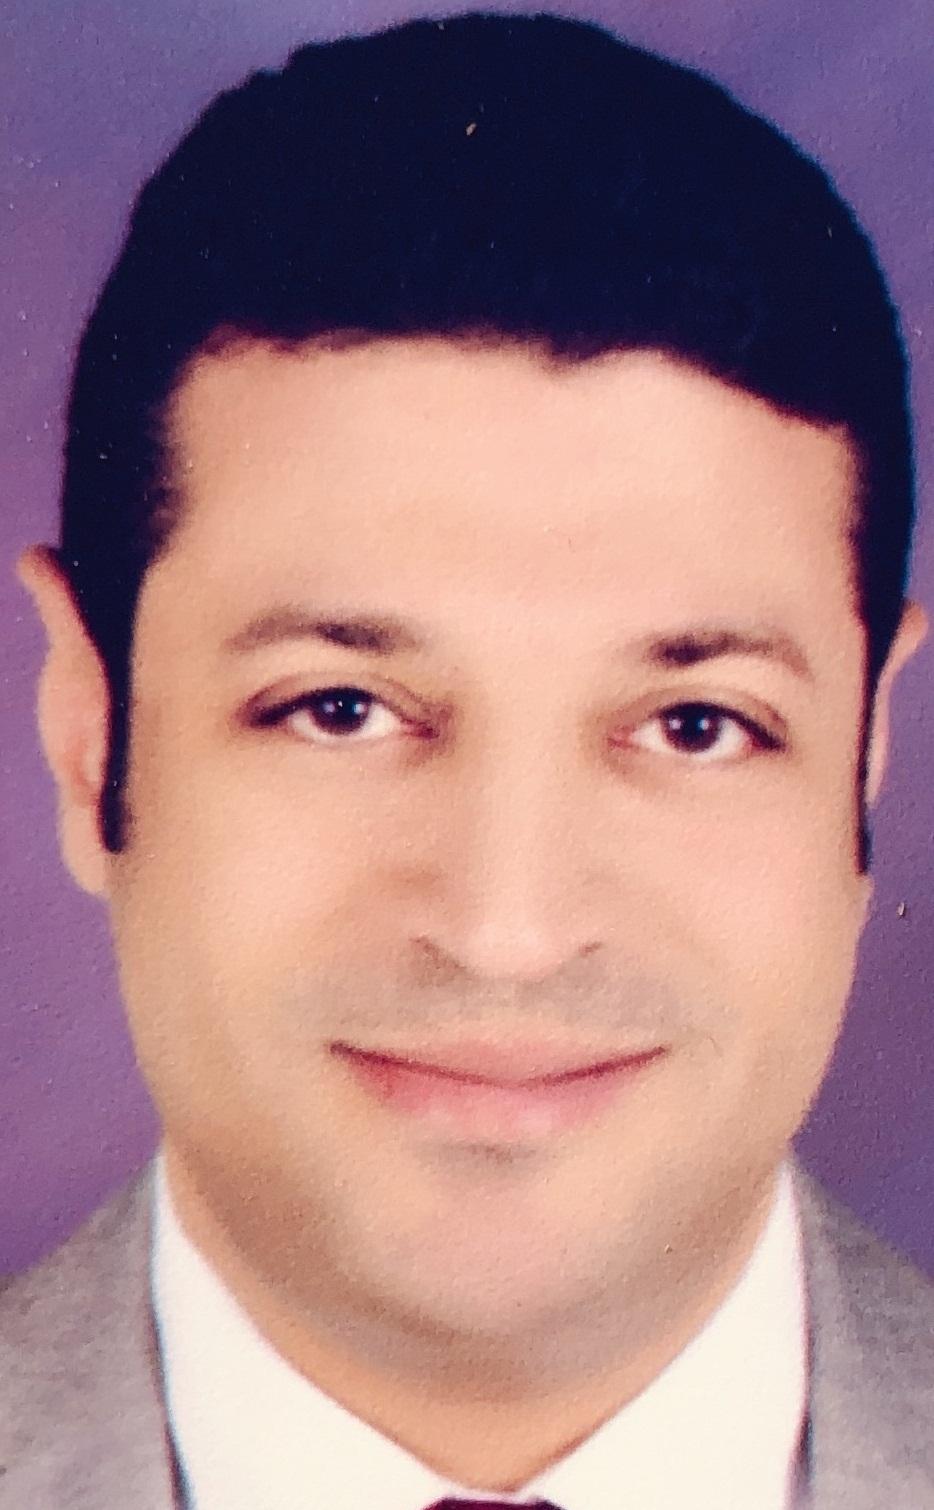 ahmed_abdelmohsen